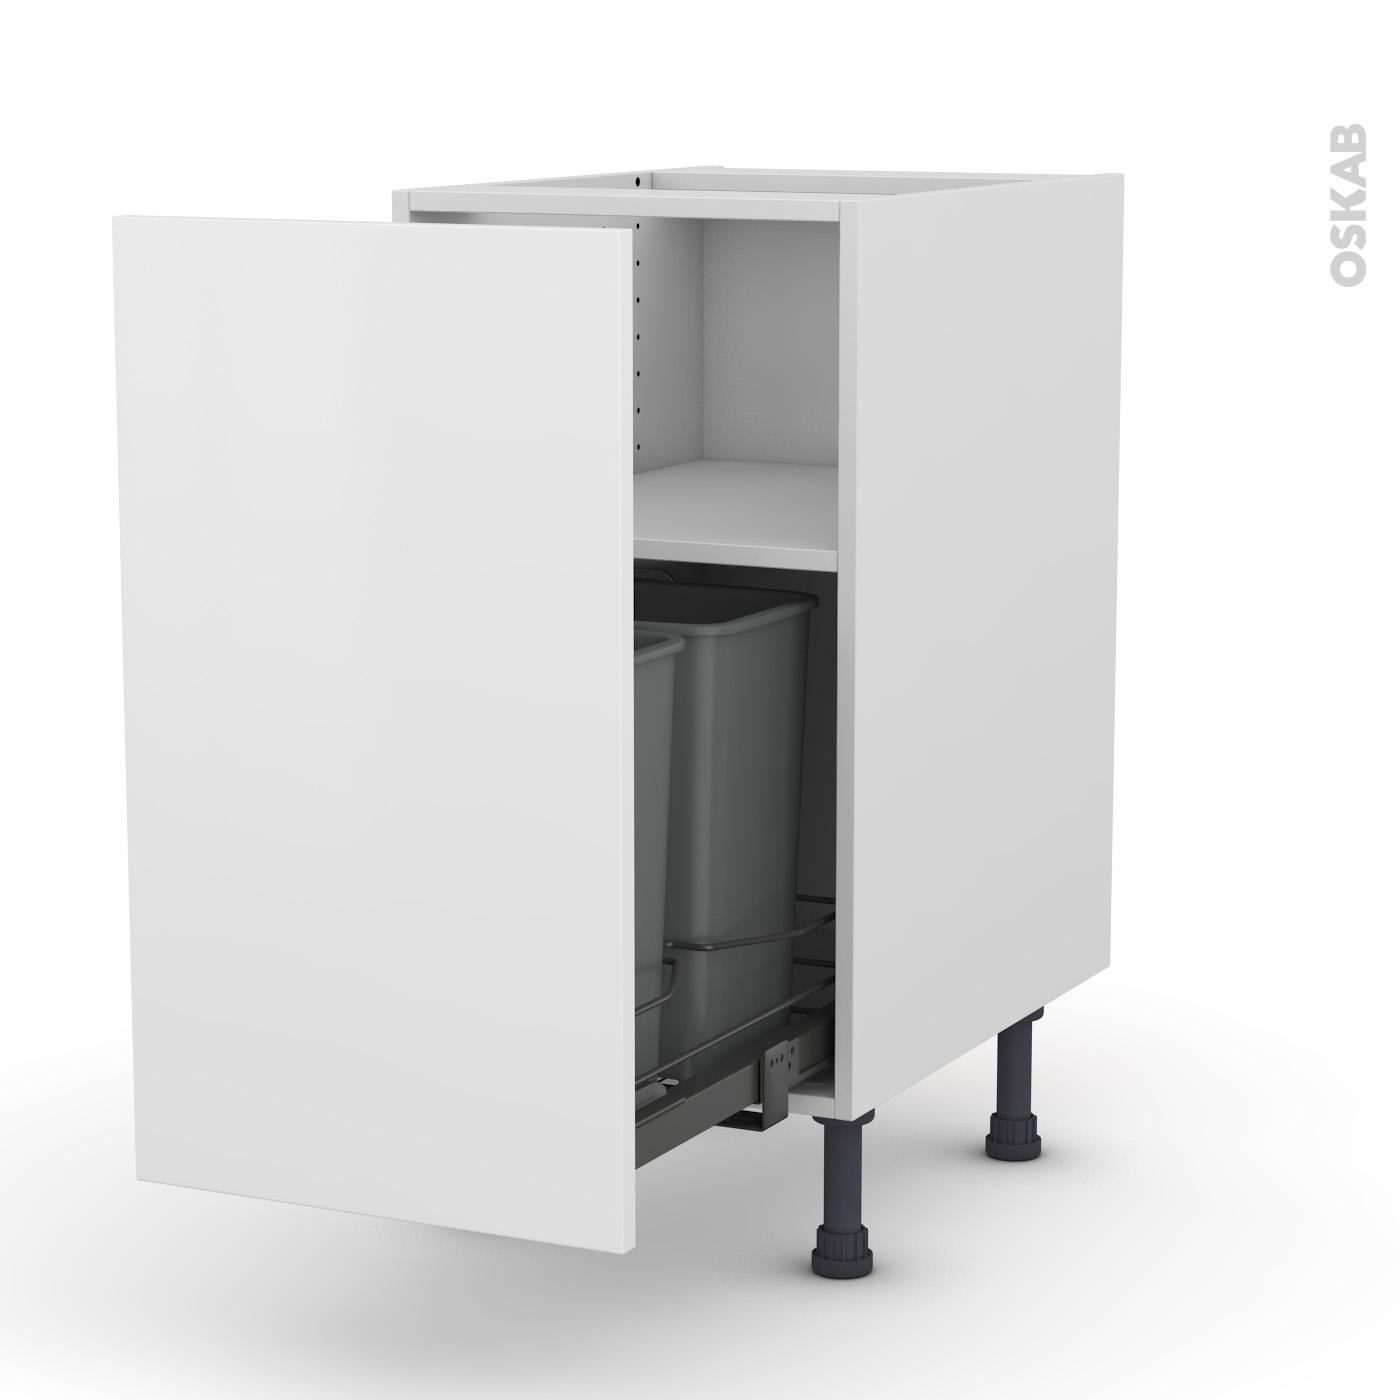 Meuble de cuisine Poubelle coulissante GINKO Blanc, 11 porte, L11 x H11 x  P11 cm